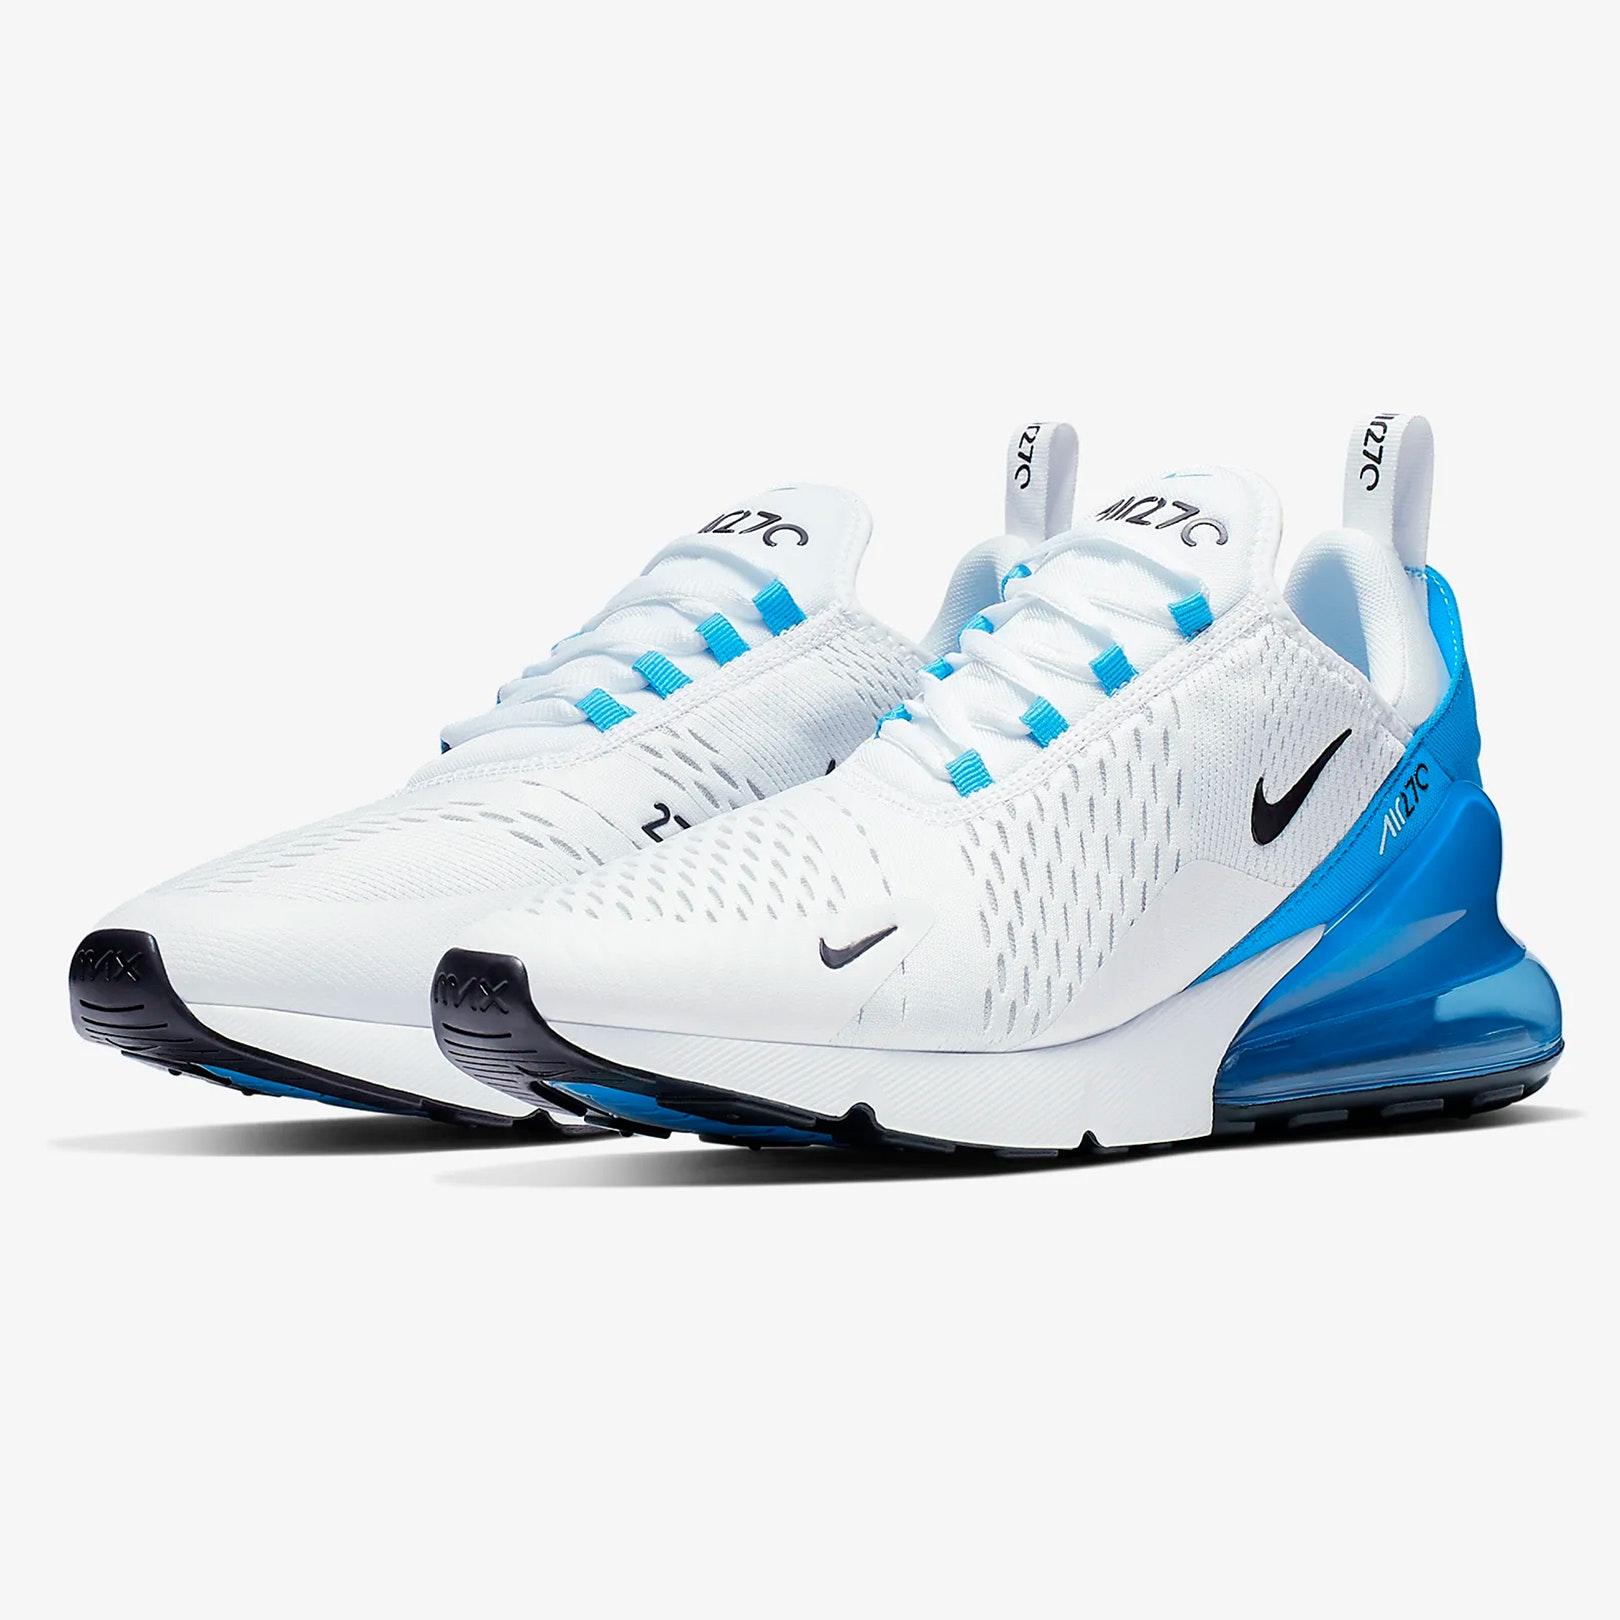 fe9210f5136c0 Amazon Best Men's Running Sneakers // ONE37pm